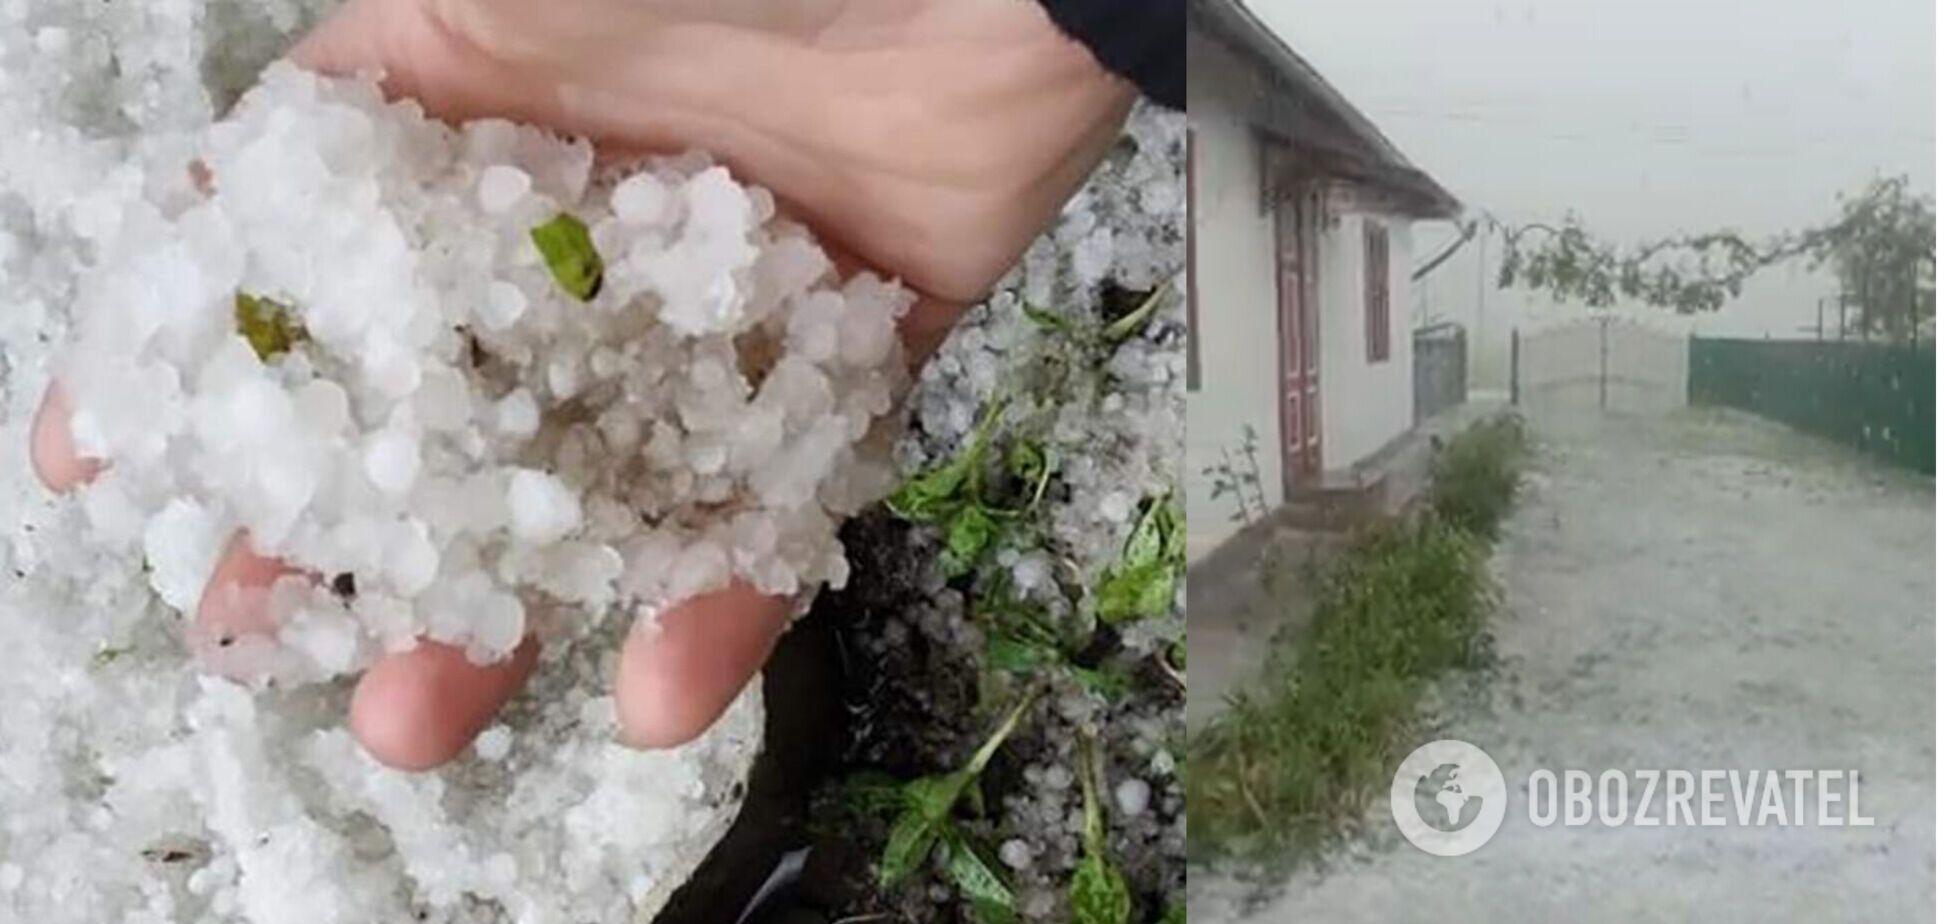 На Прикарпатье мощный ливень с градом уничтожил урожай. Фото и видео